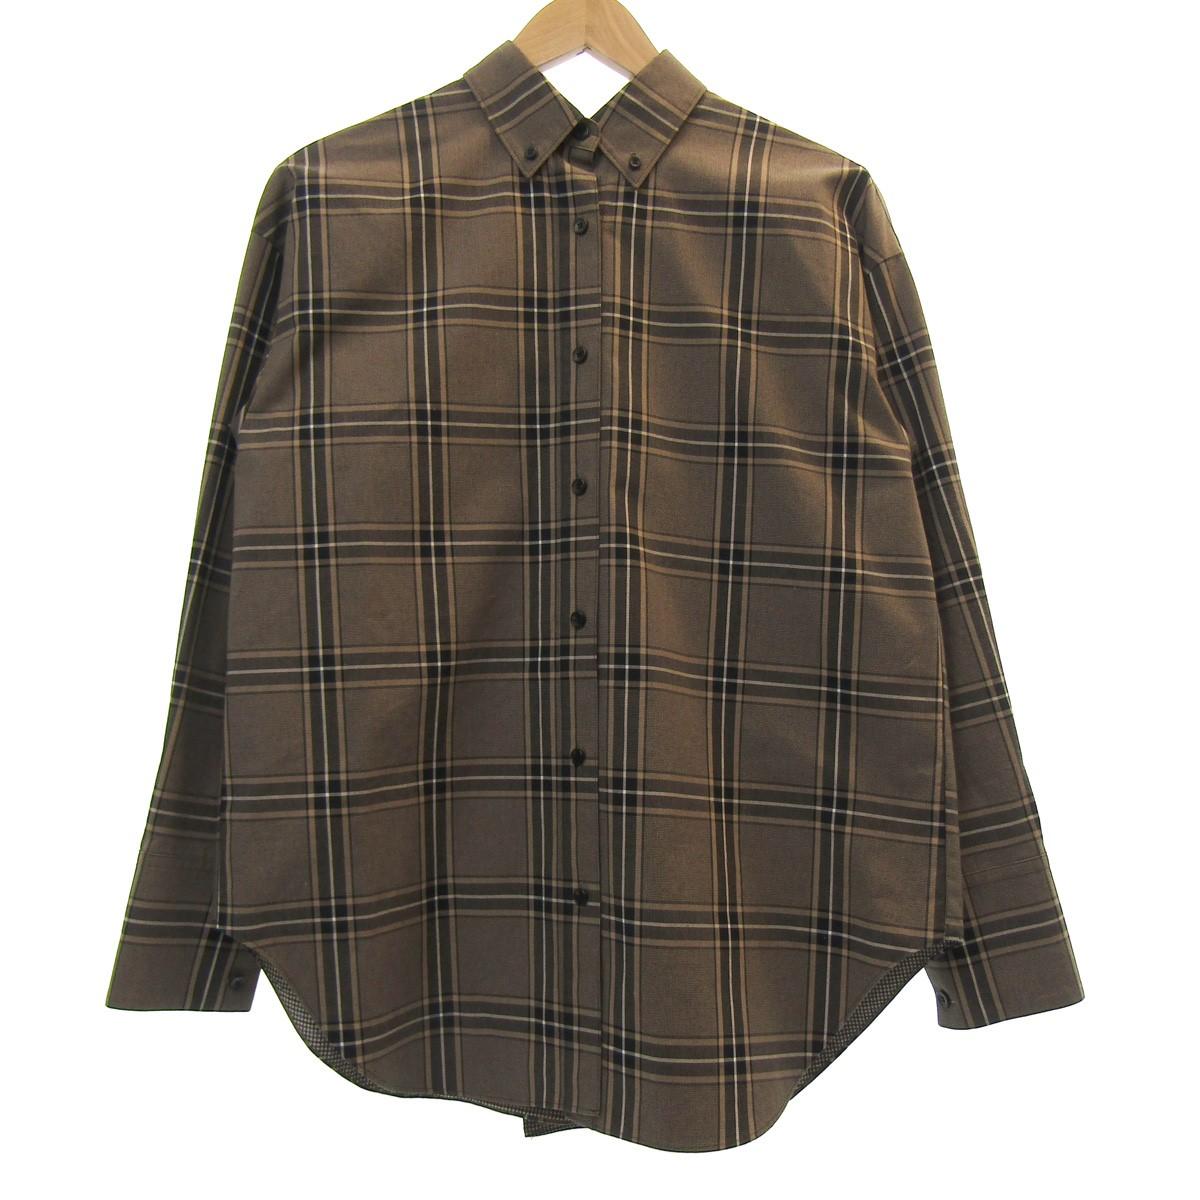 【中古】LE CIEL BLEU Check Back Ruffle Shirt バックデザインシャツ ブラウン サイズ:36 【170420】(ルシェルブルー)